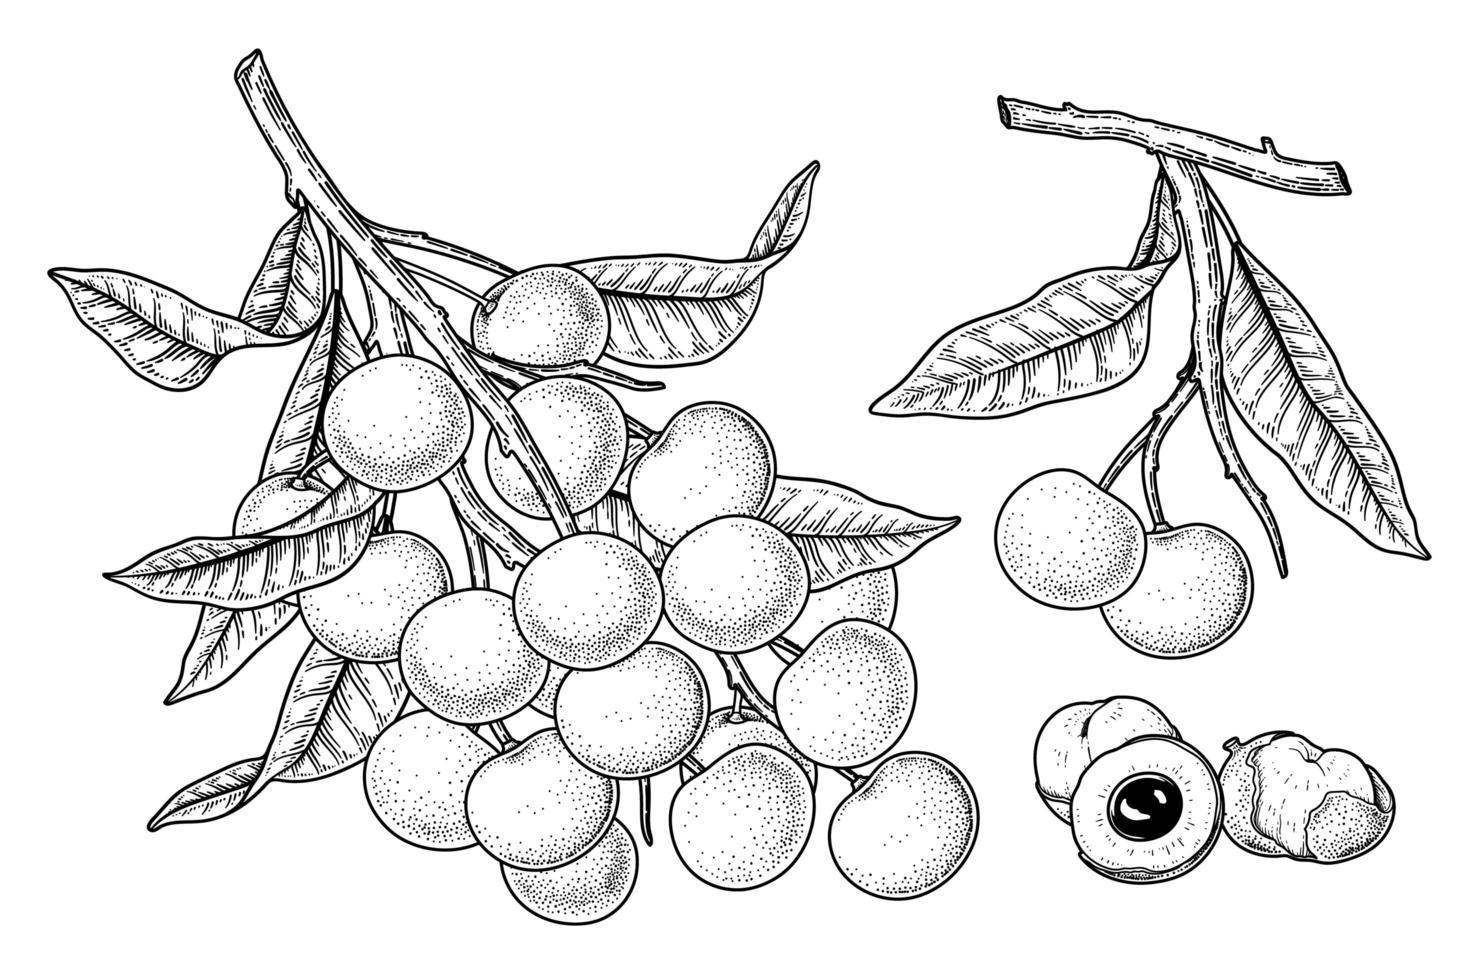 conjunto de dimocarpus longan fruta mão desenhada elementos ilustração botânica vetor